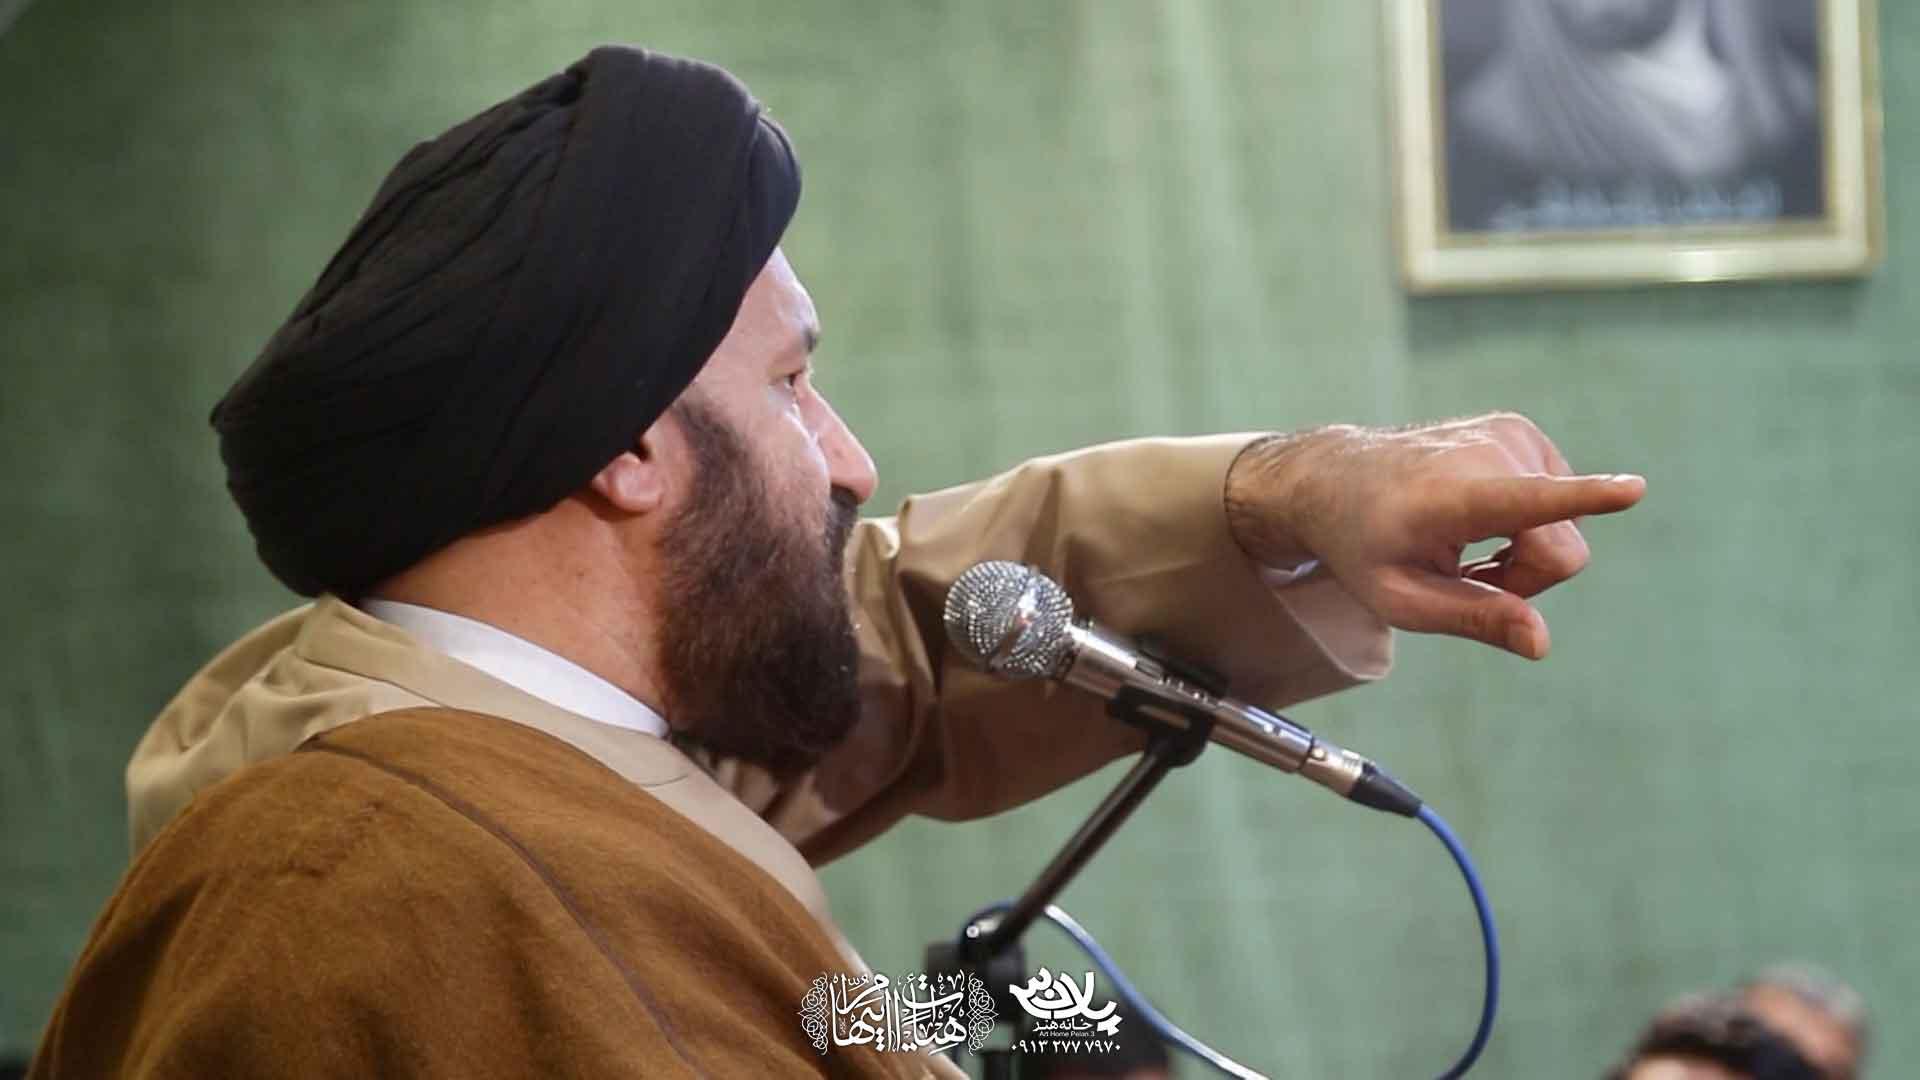 داستان حاج احمد دیوانه استاد دارستانی